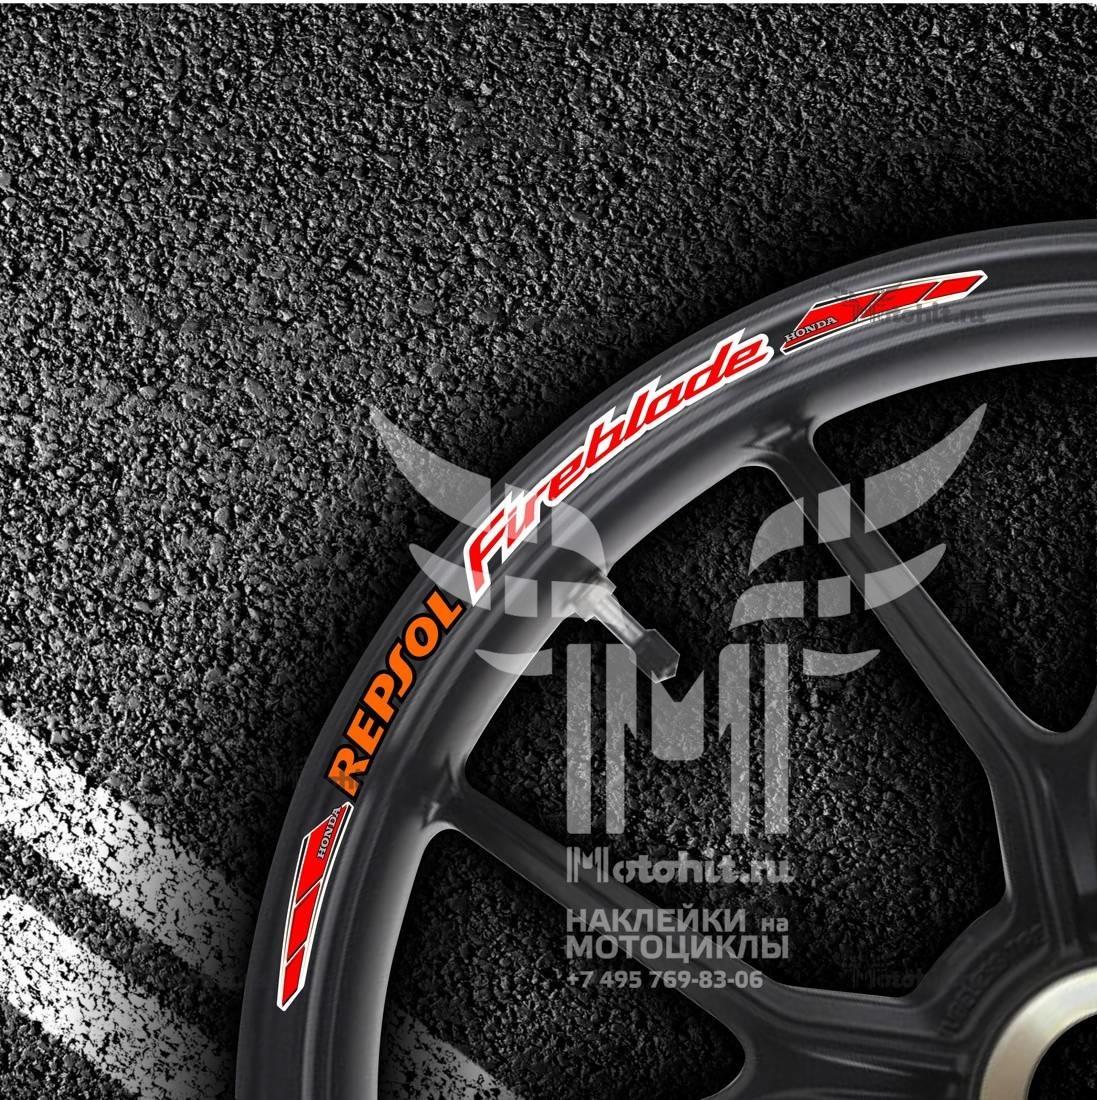 Комплект наклеек на обод колеса мотоцикла HONDA REPSOL-FIREBLADE